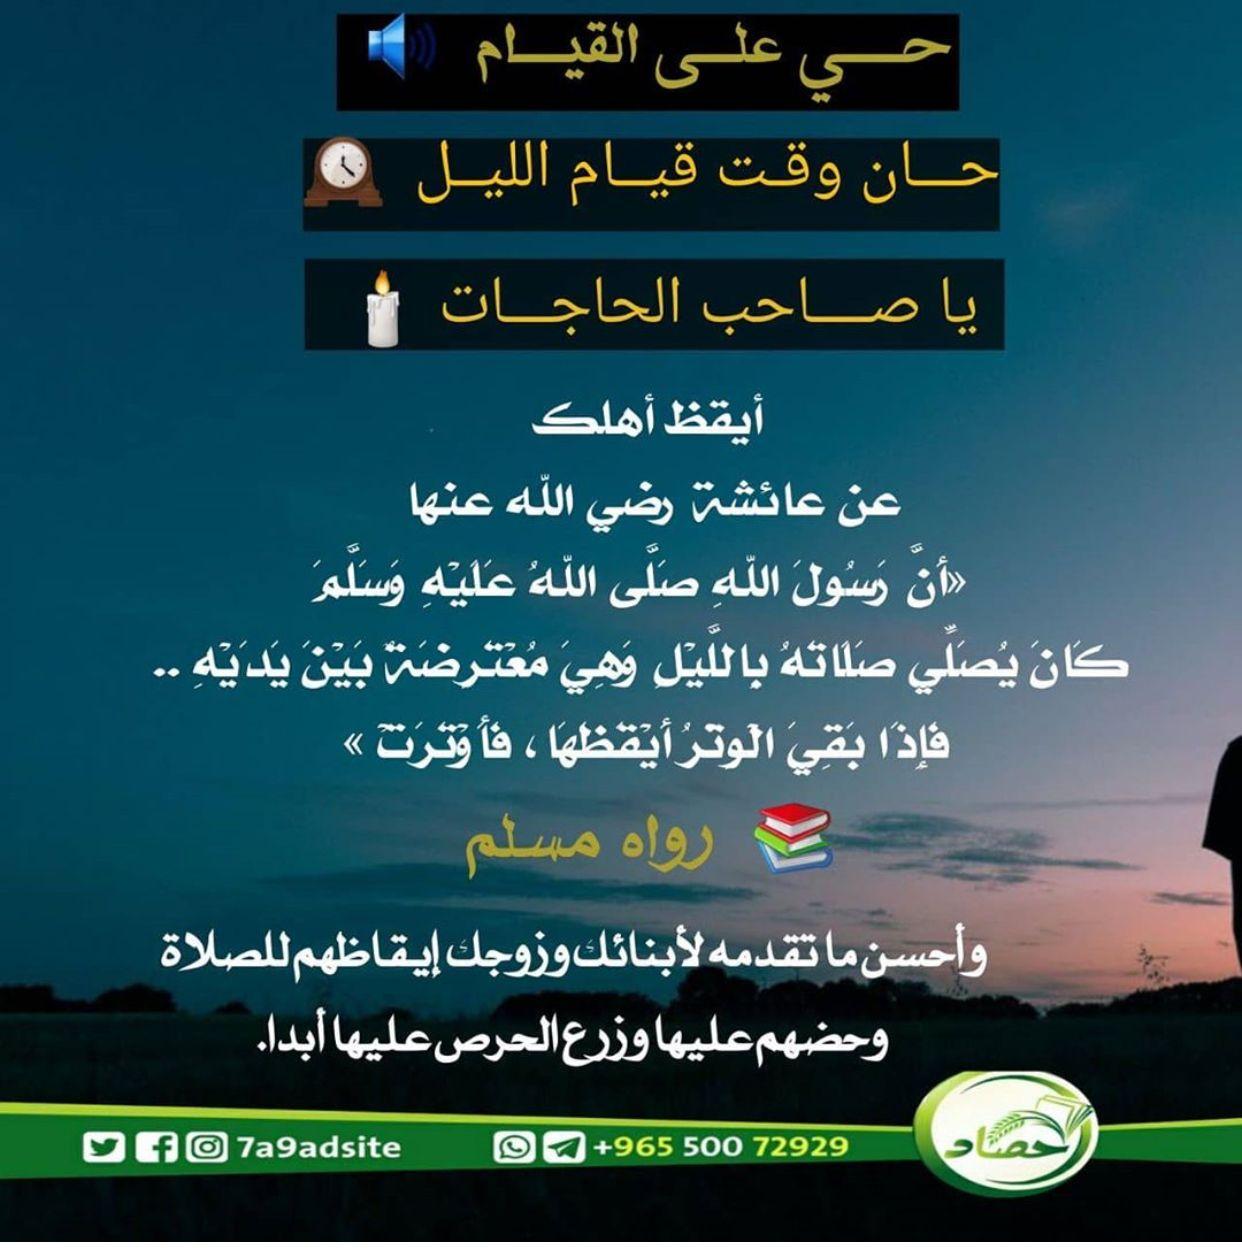 Pin By Albaraa Network On الاسلام Desktop Screenshots Desktop Screenshot